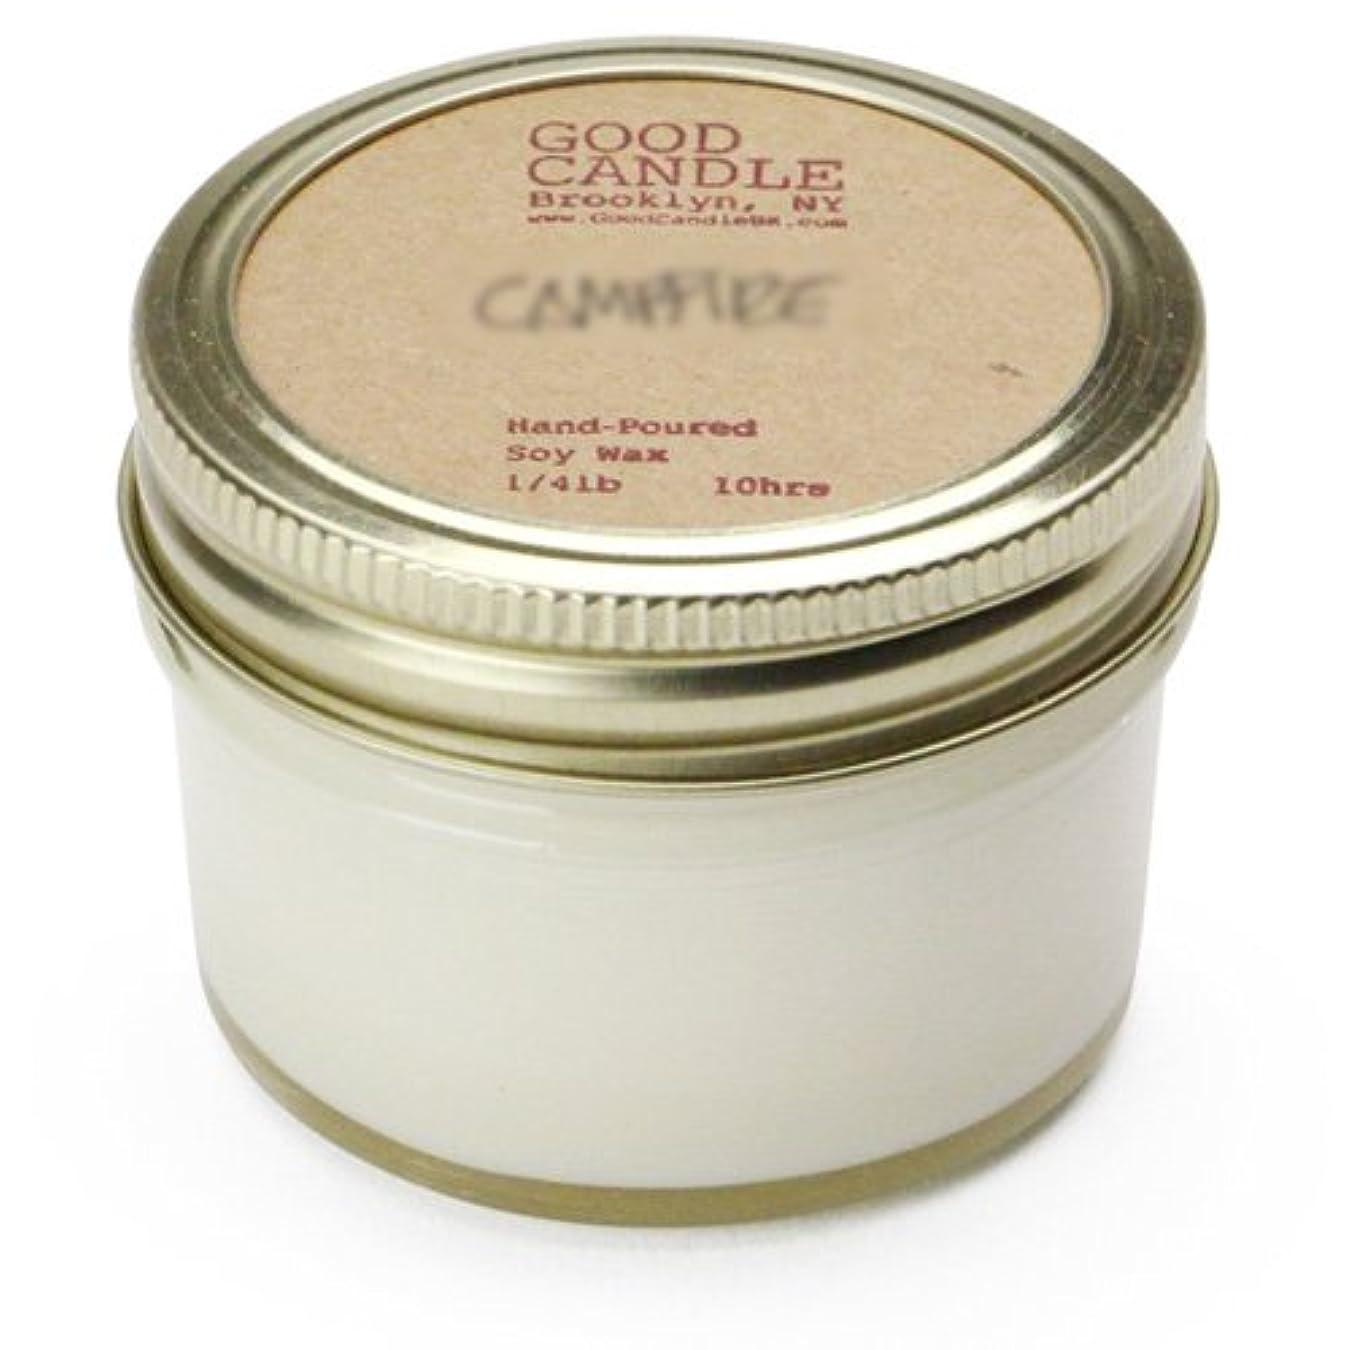 動物園固有のボールグッドキャンドル 1/4ポンド ゼリージャー キャンドル Good Candle 1/4LB Jelly jar candle [ Camp fire ] 正規品